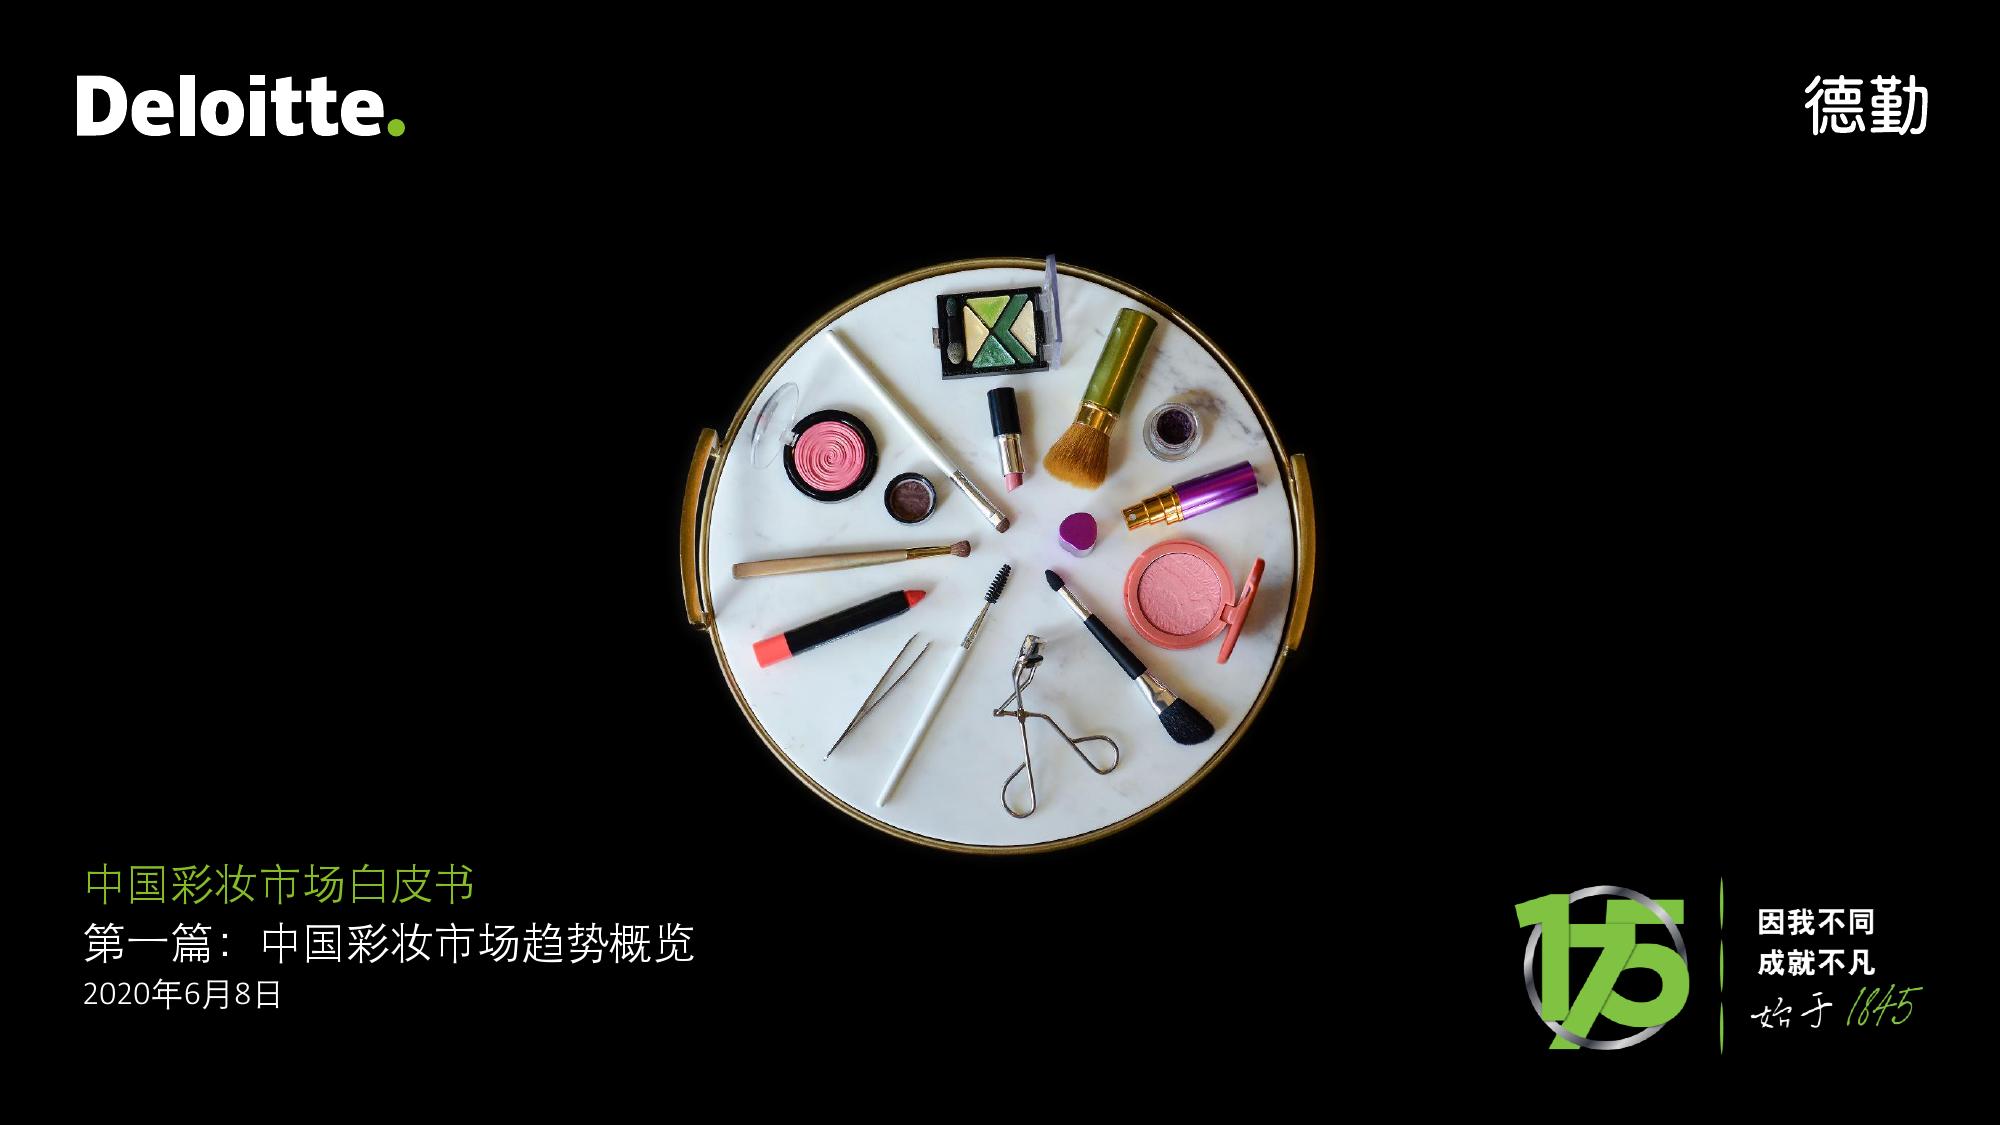 中国彩妆市场白皮书:中国彩妆市场趋势概览(附下载)